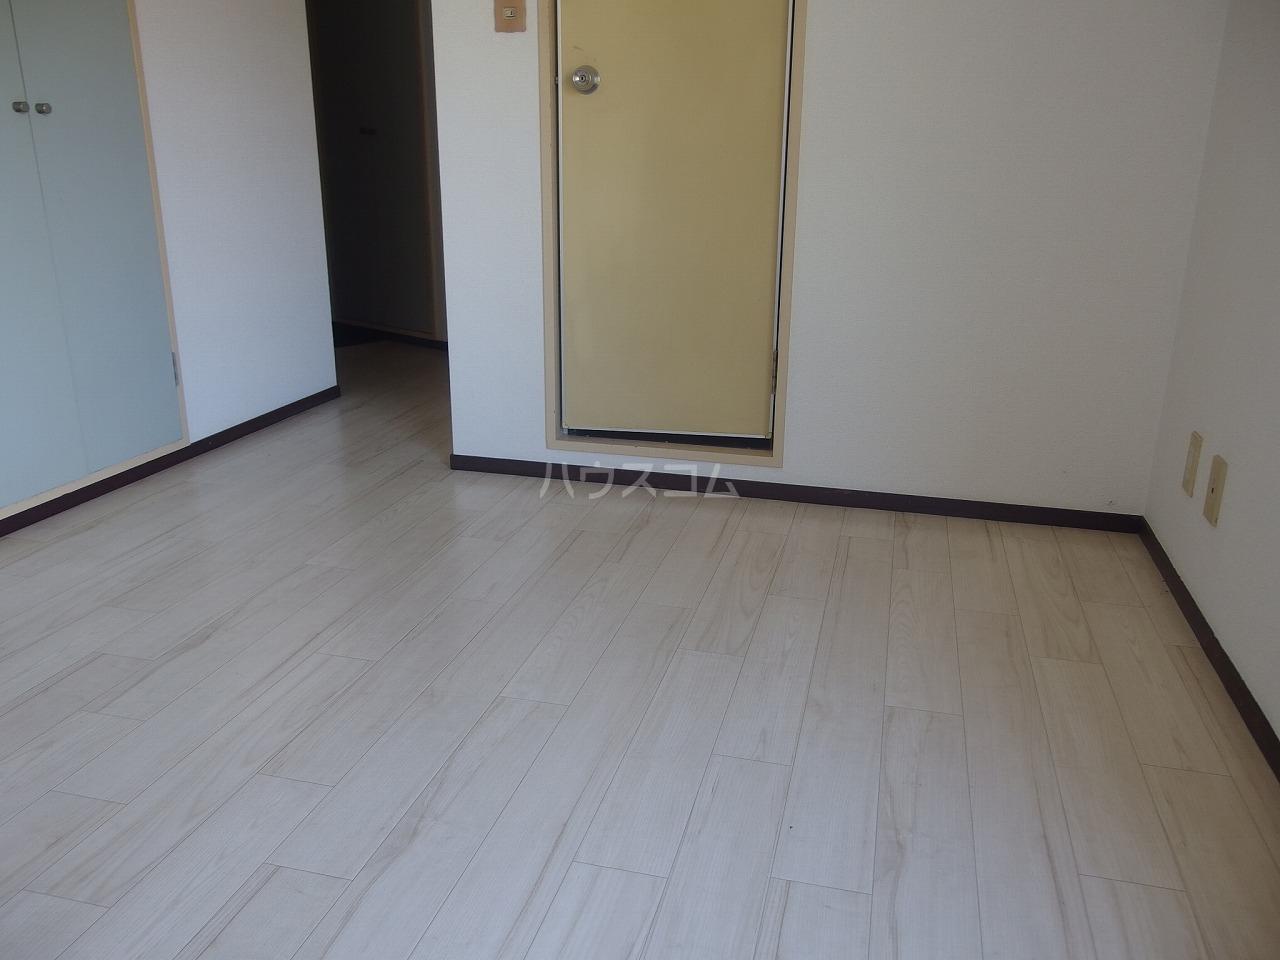 アベニューⅡ 305号室のバルコニー